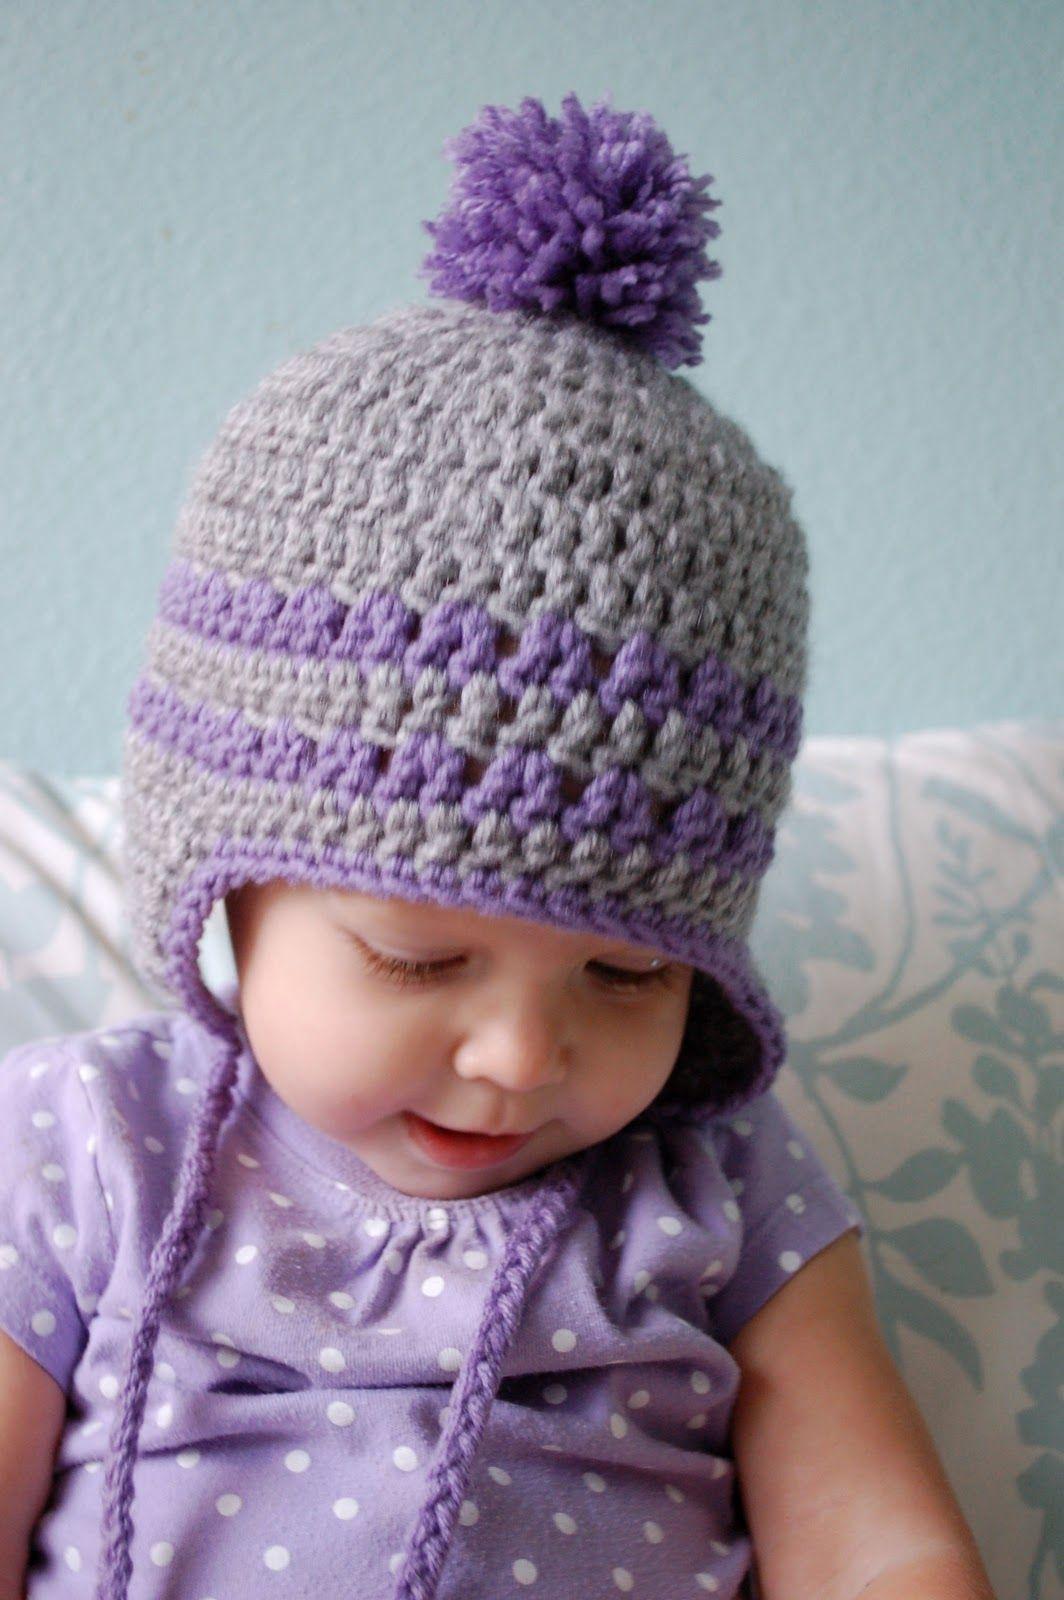 crochet hat patterns | Crochet Earflap Hat Pattern Free | Free Easy ...